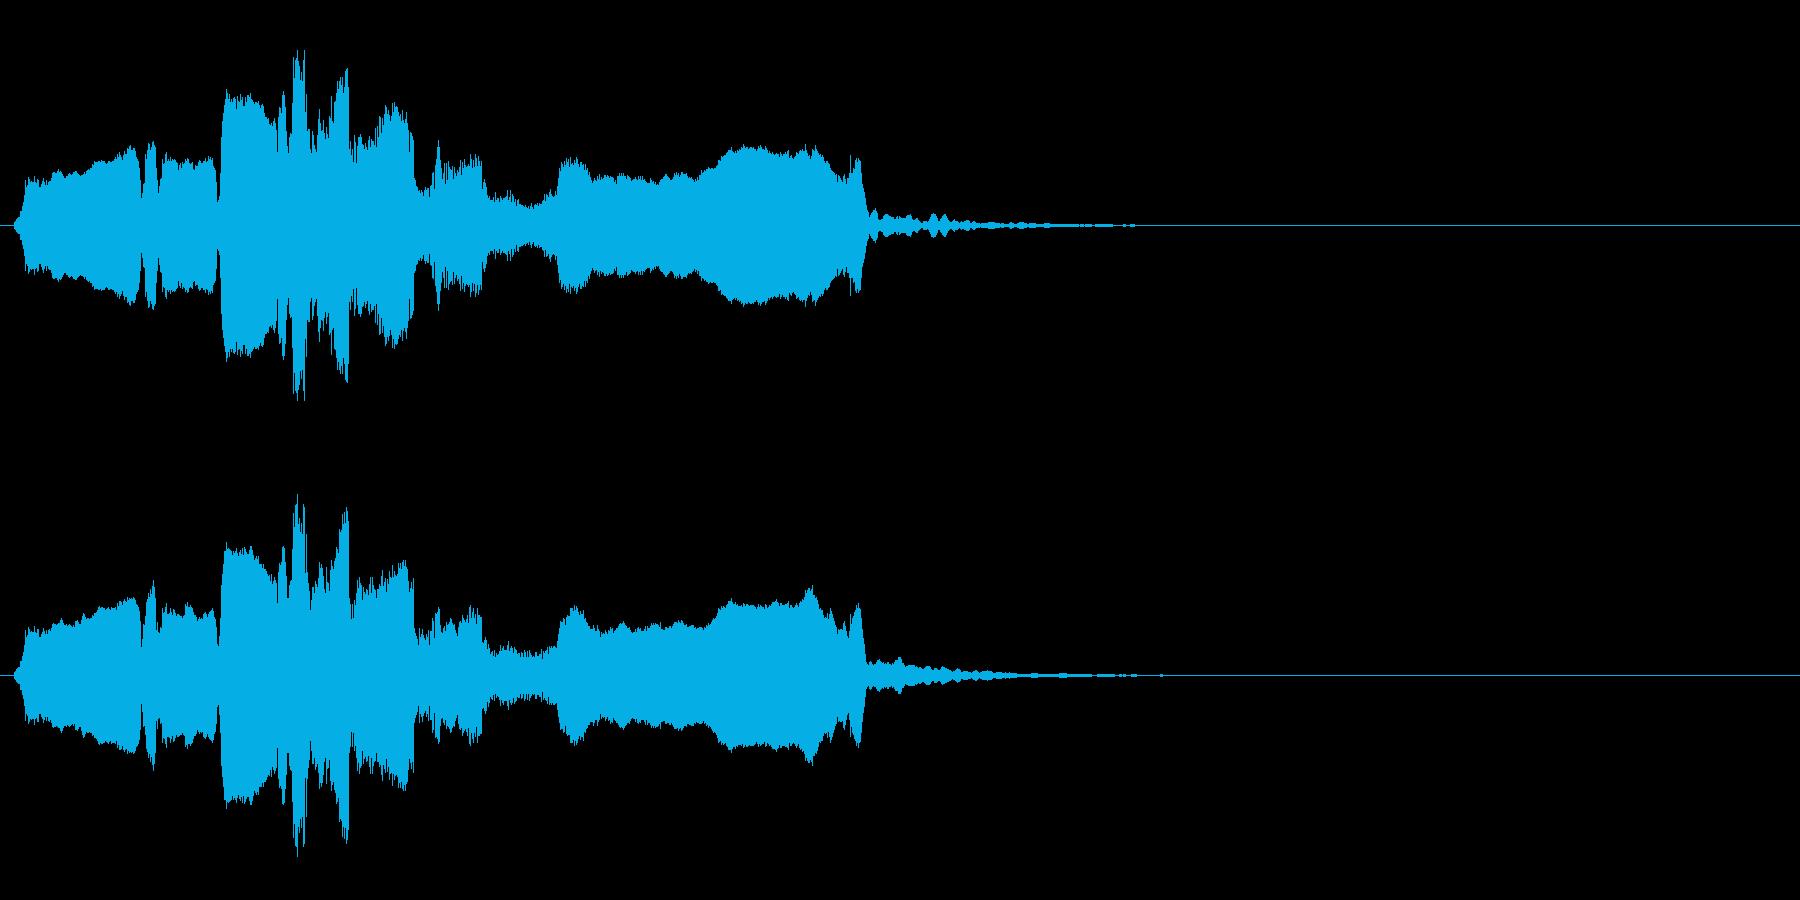 和風アイキャッチ◆篠笛生演奏の和風効果音の再生済みの波形